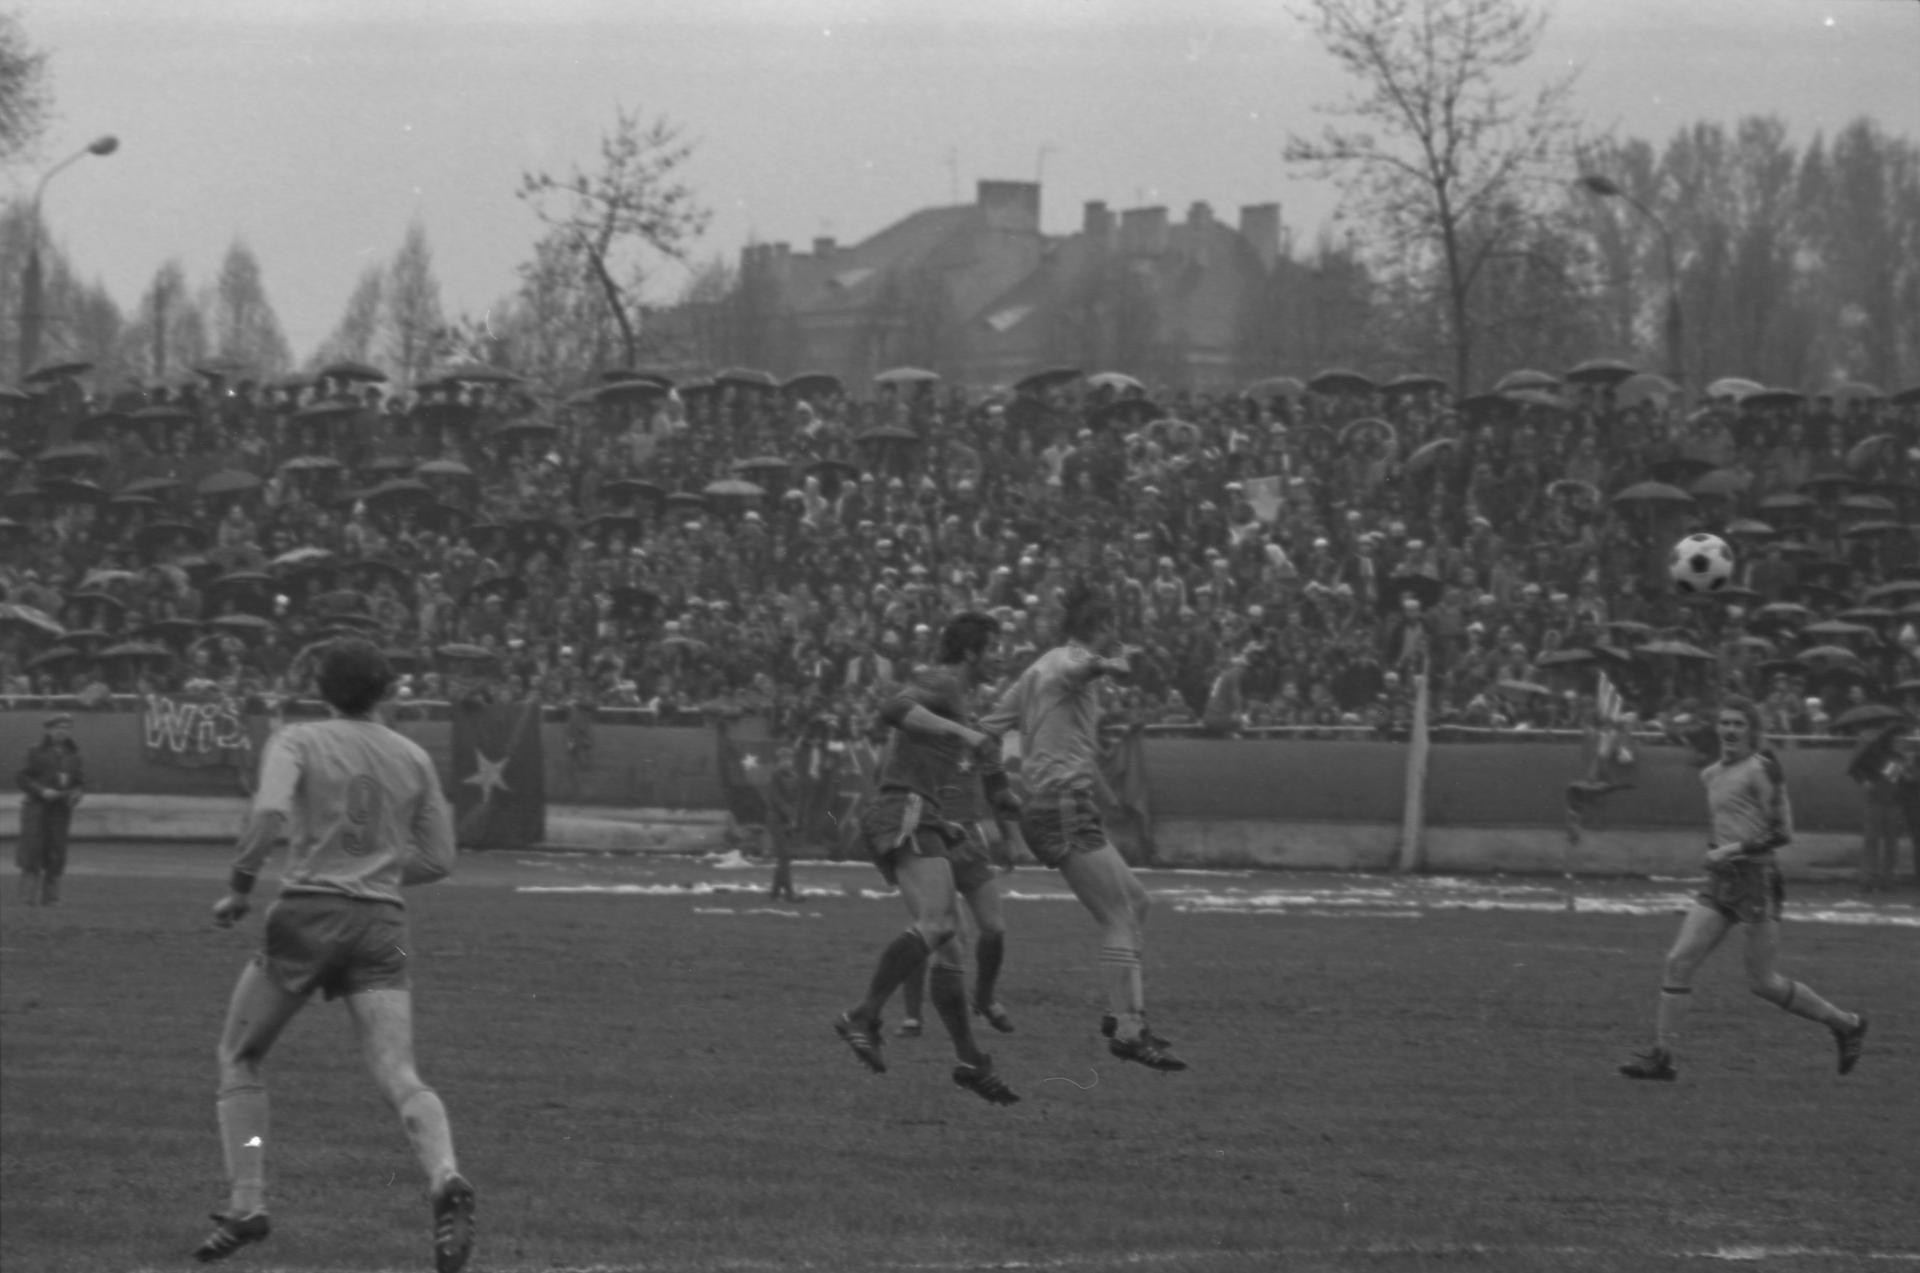 Finałowy mecz Pucharu Polski Arka Gdynia - Wisła Kraków z 1979 roku